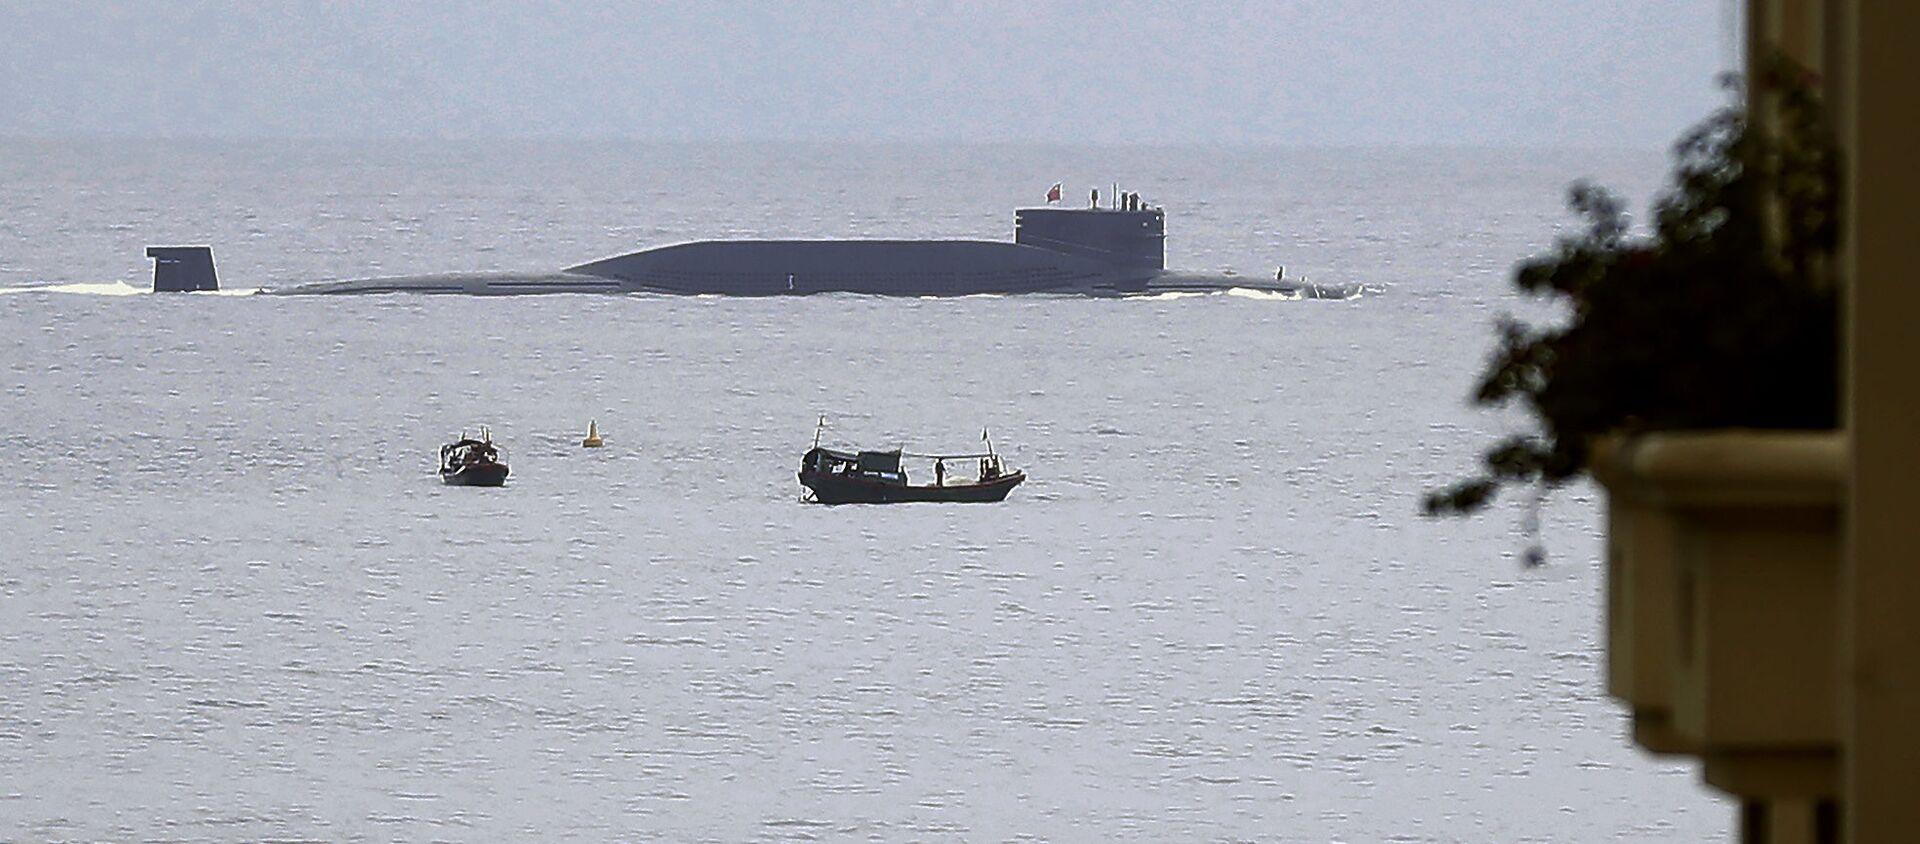 Tàu ngầm hạt nhân Trung Quốc - Sputnik Việt Nam, 1920, 25.12.2019